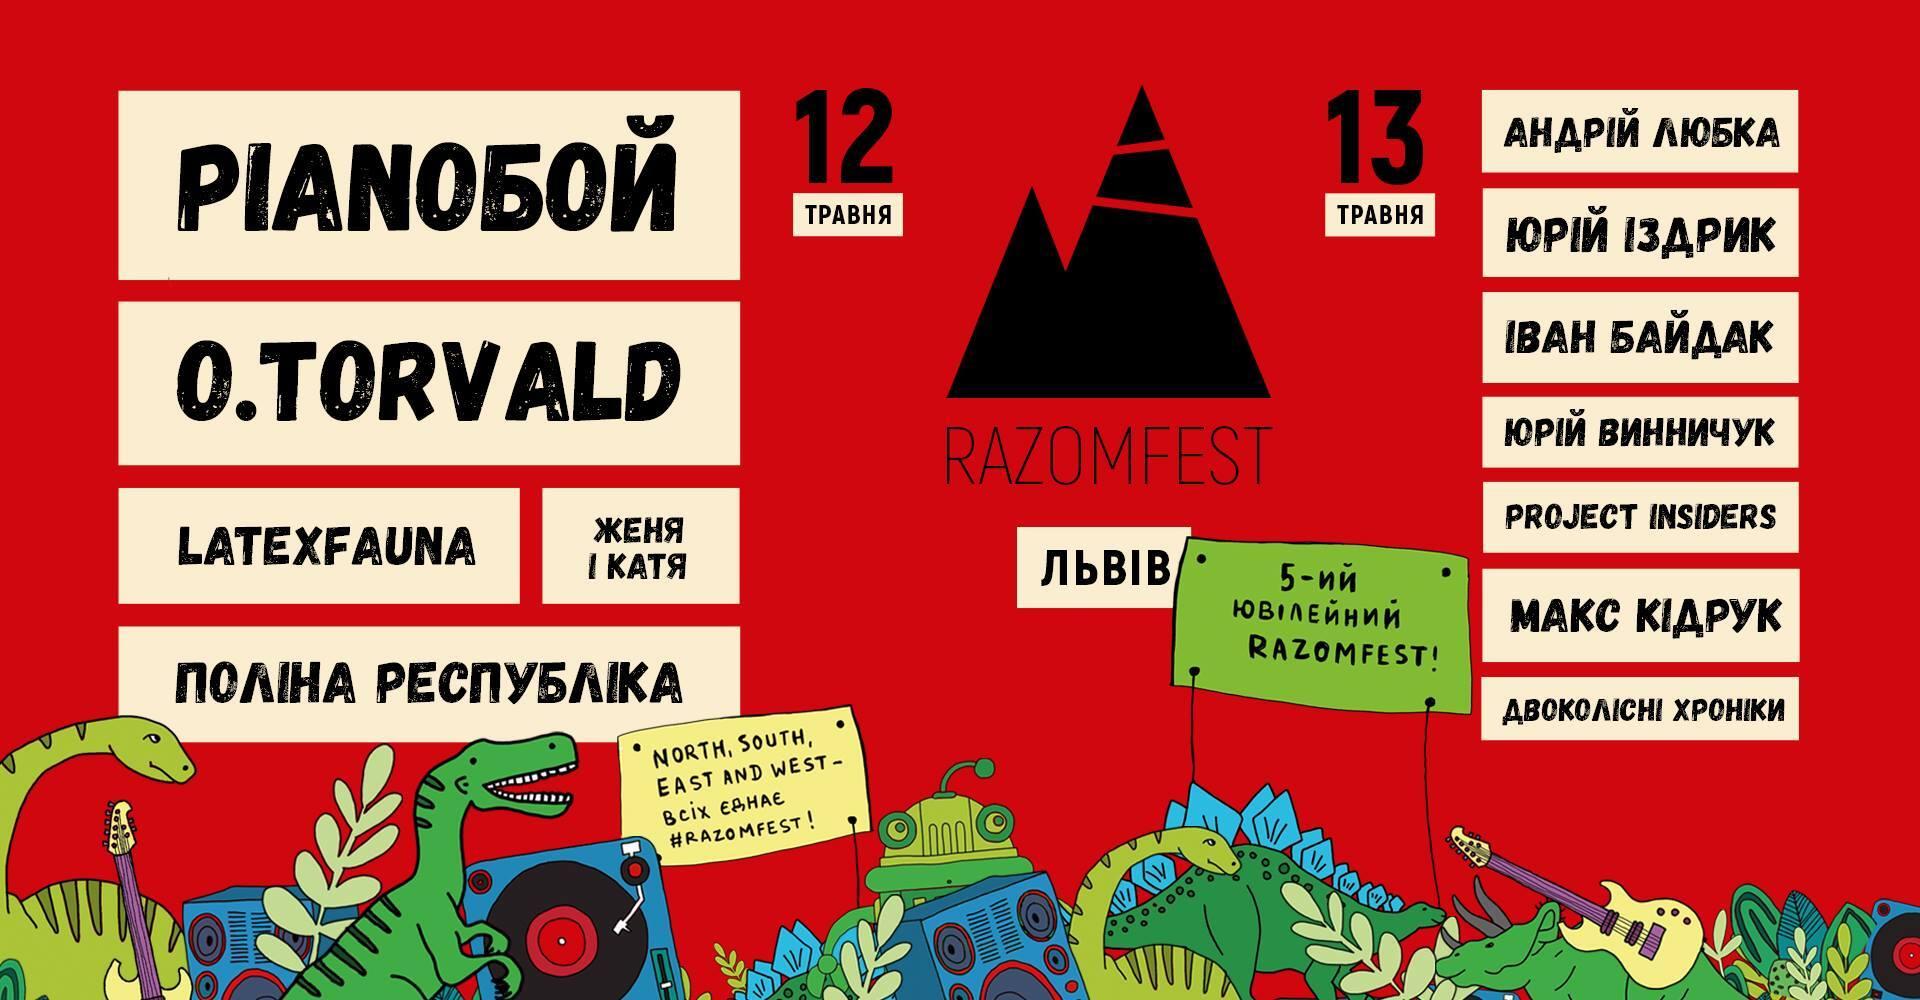 Юбилейный Razomfest, 12.05-13.05